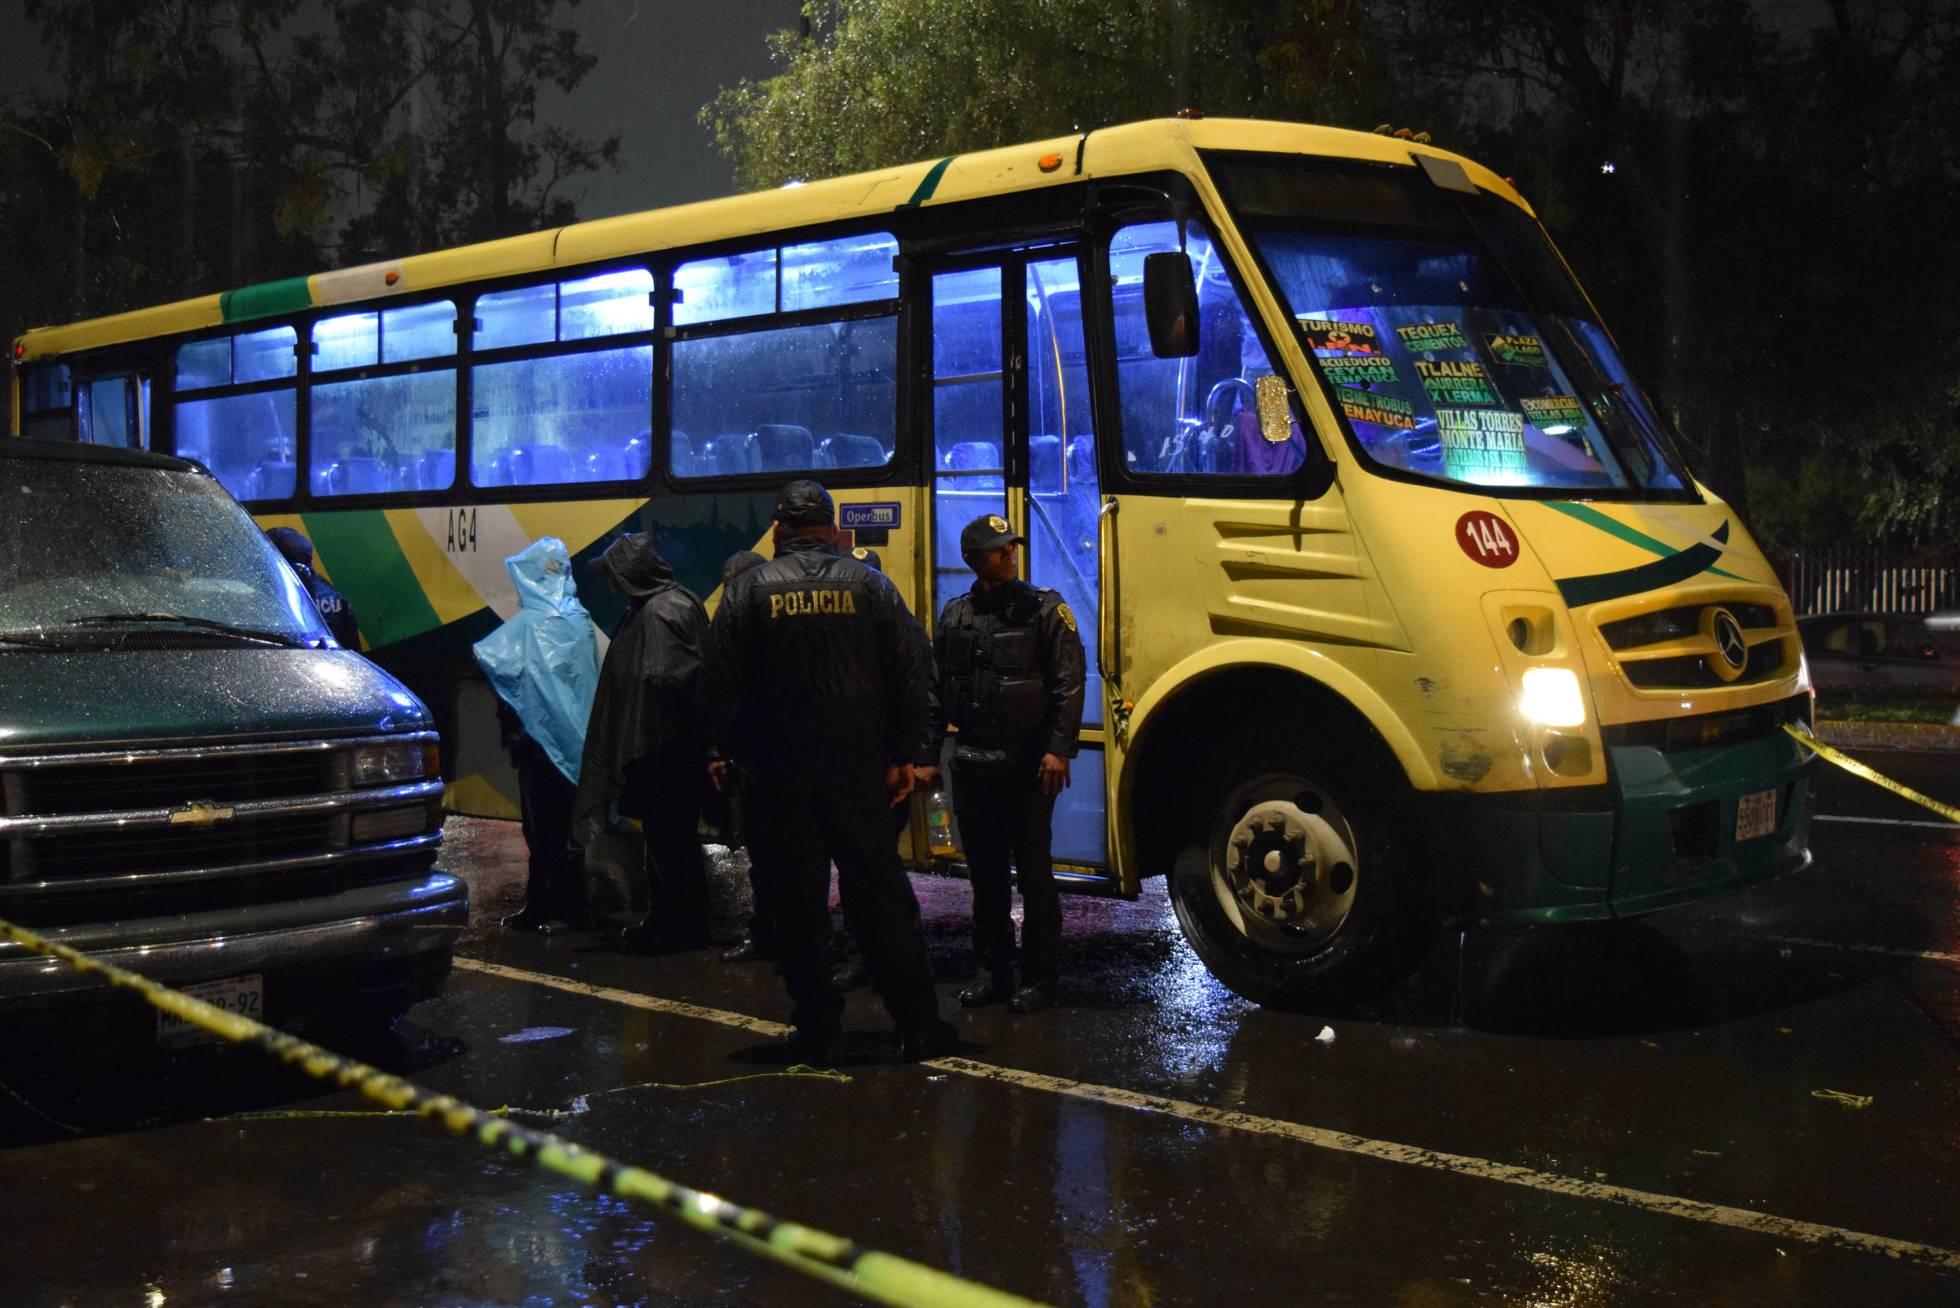 Los robos violentos en el transporte se disparan en México